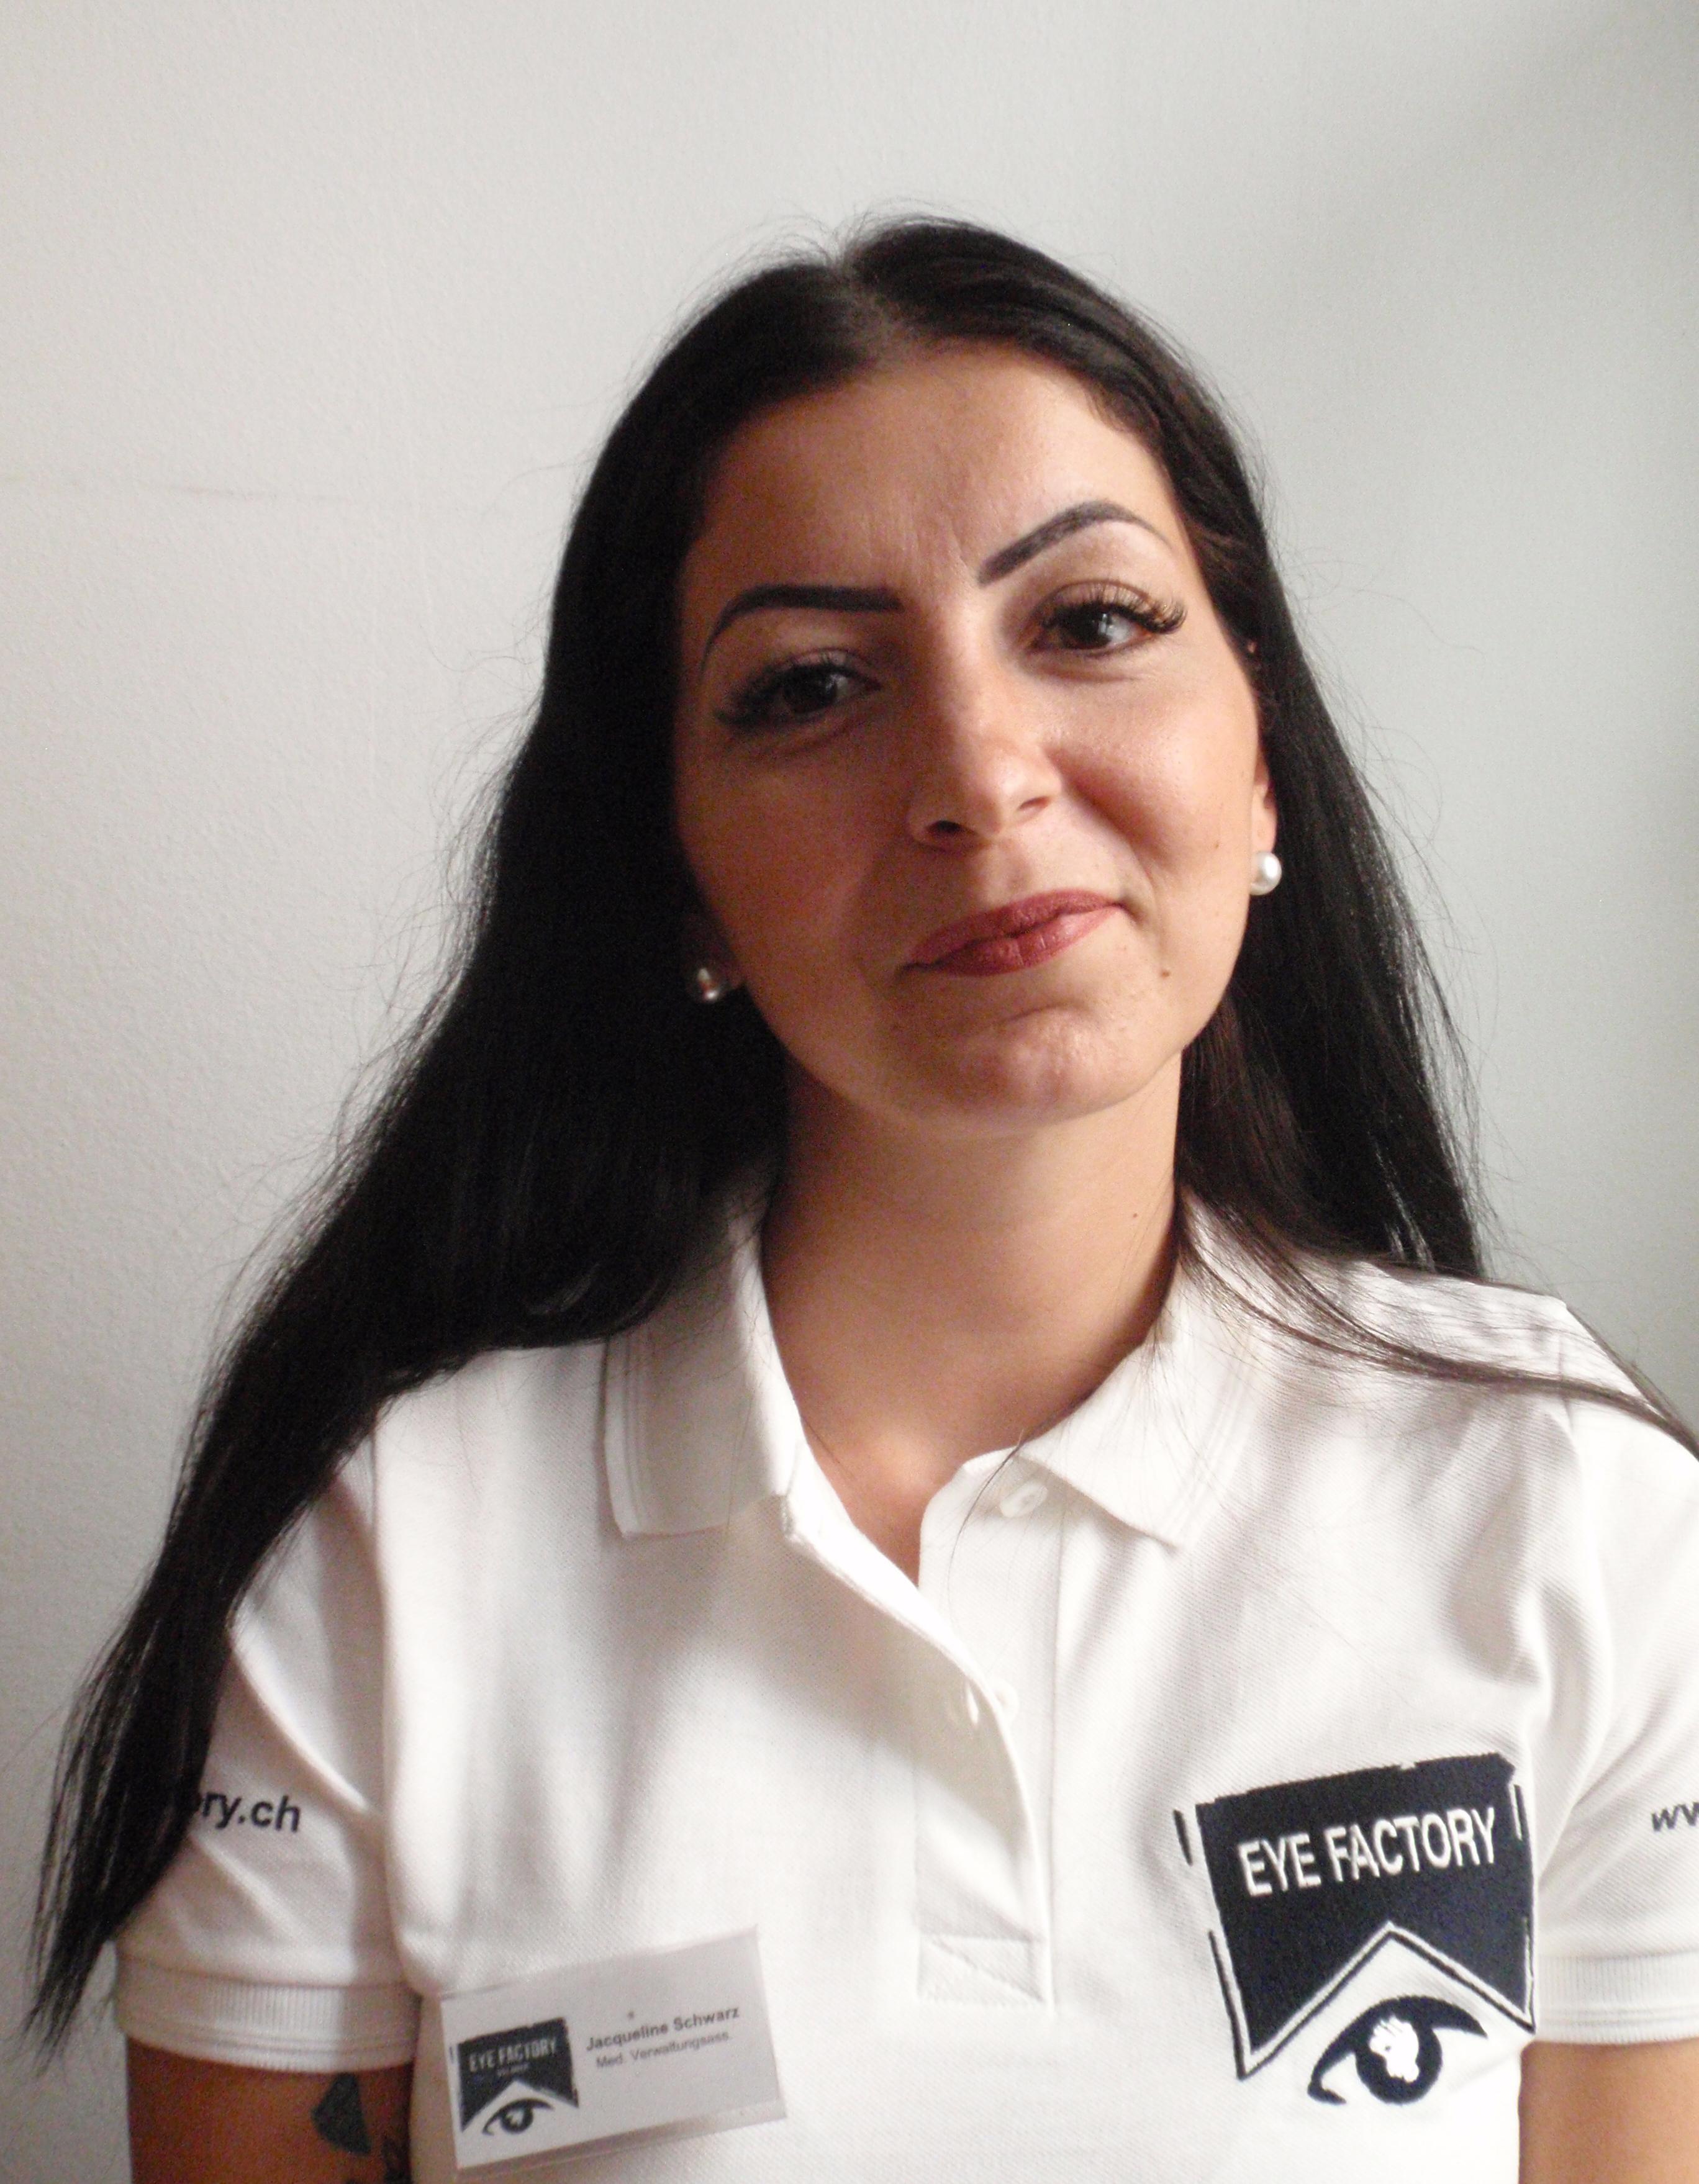 Jacqueline Schwarz